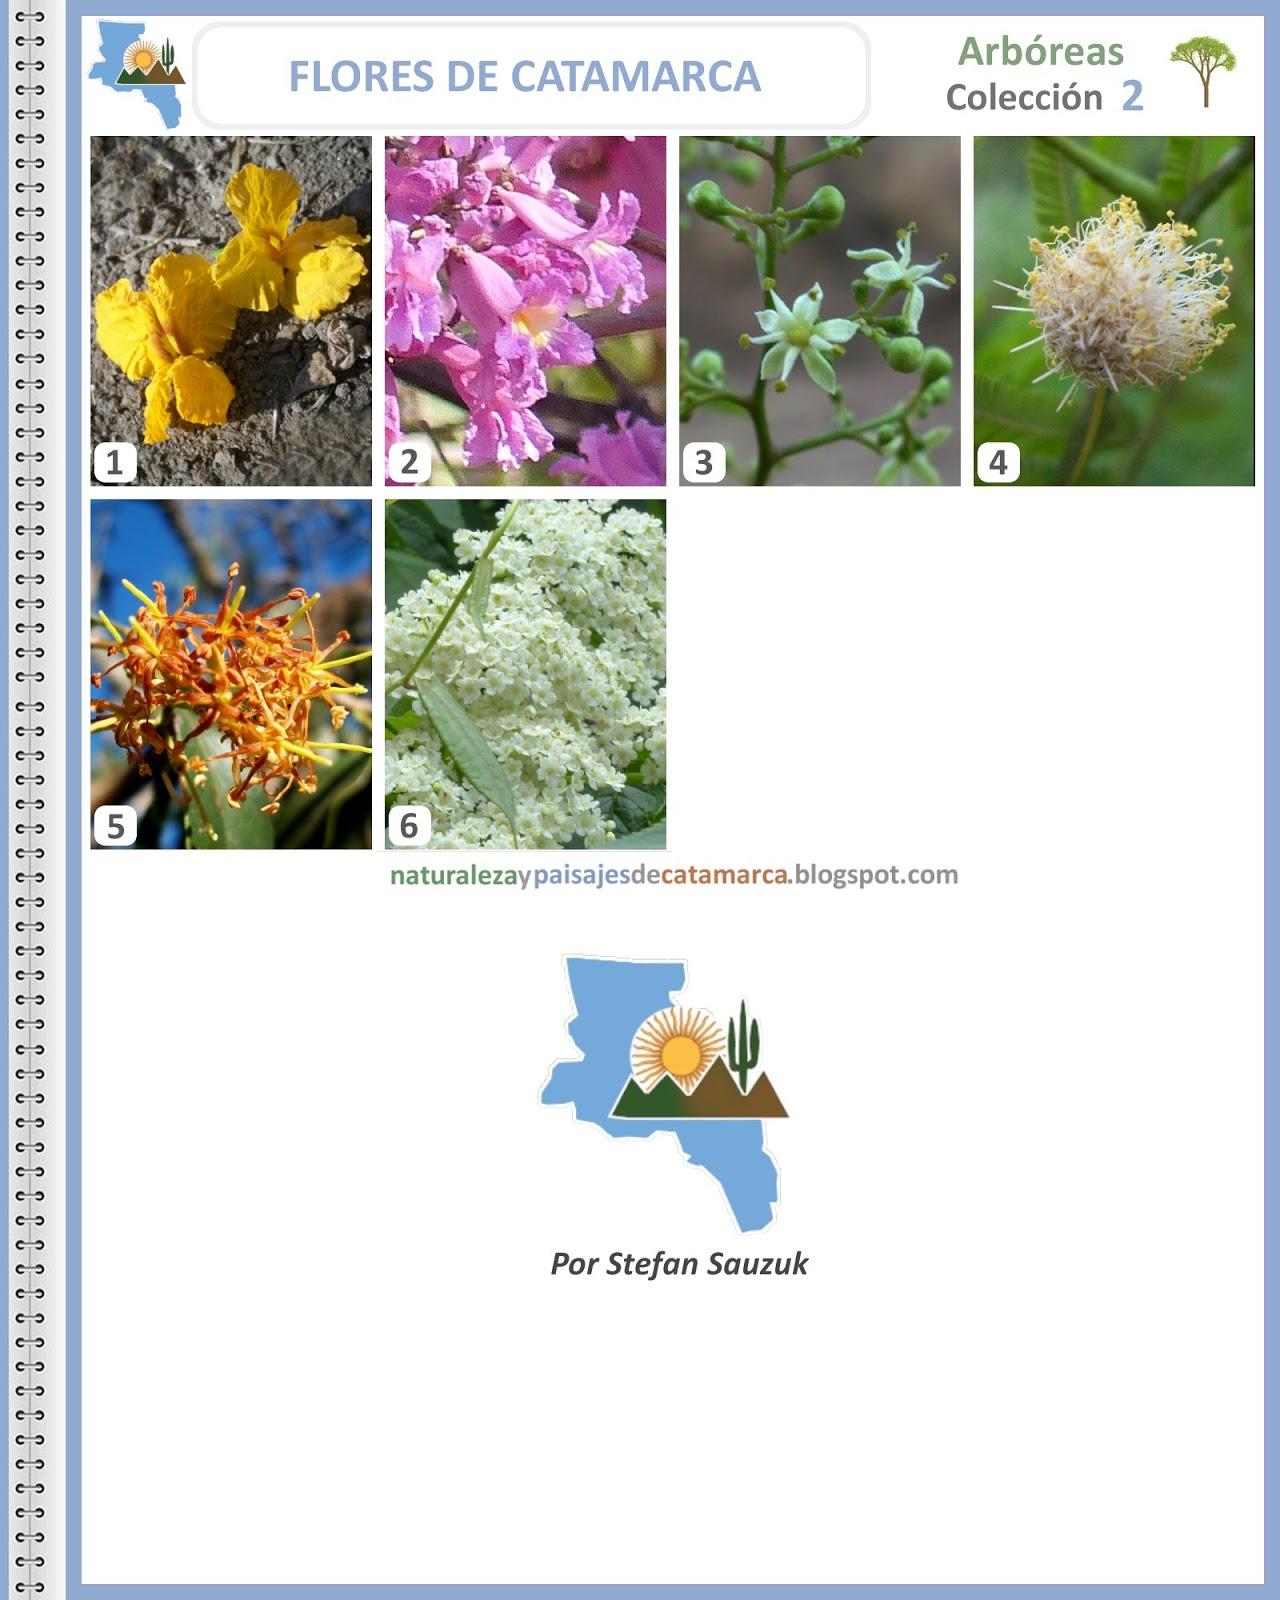 Fotos Y Nombres De Flores Silvestres - Plantas silvestres Mis fotos en InfoJardin Infojardín